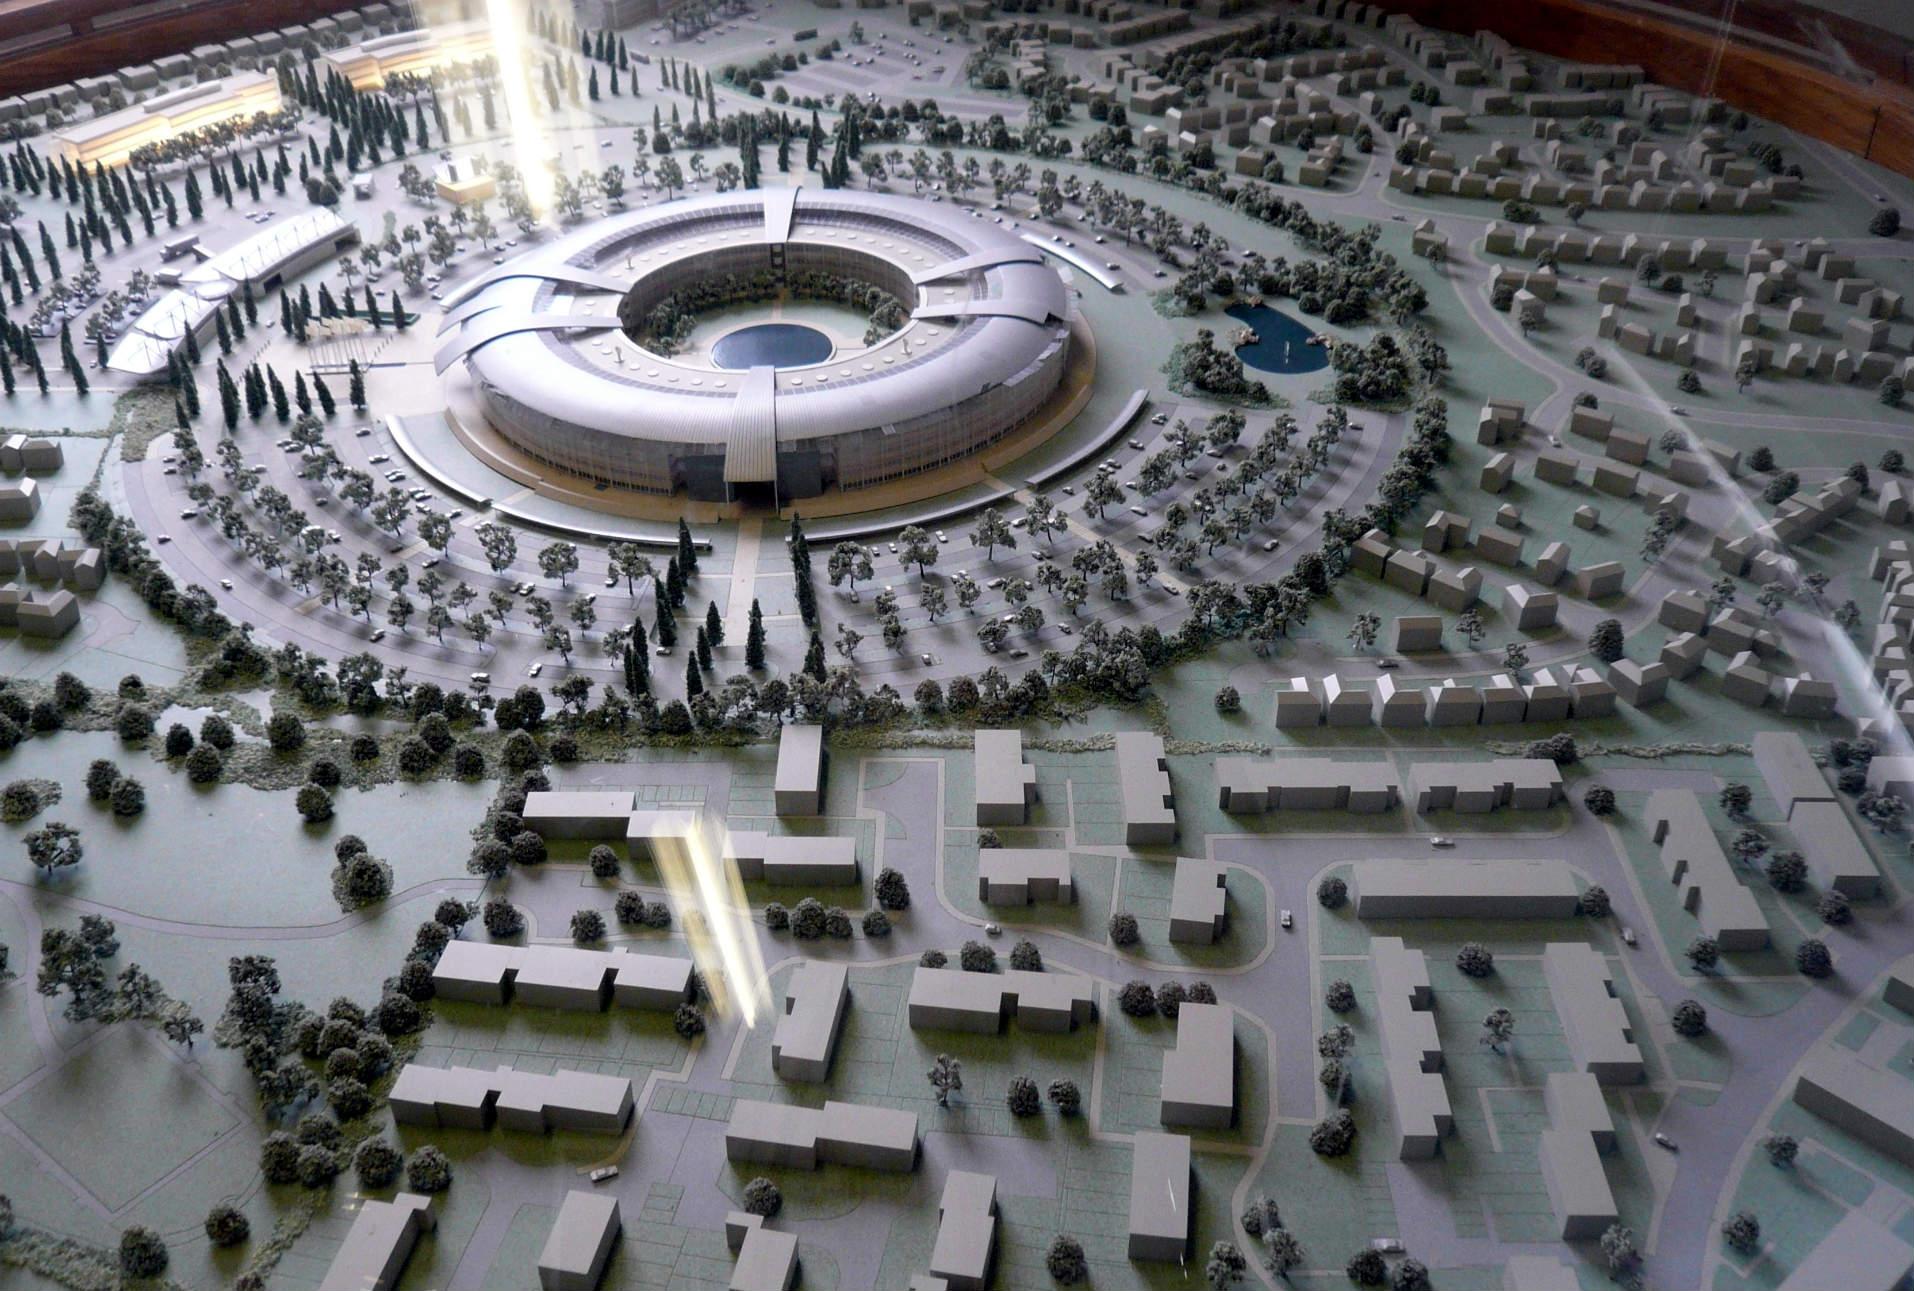 El programa de vigilancia masiva del Reino Unido viola los derechos humanos, declara la Corte Europea de Derechos Humanos